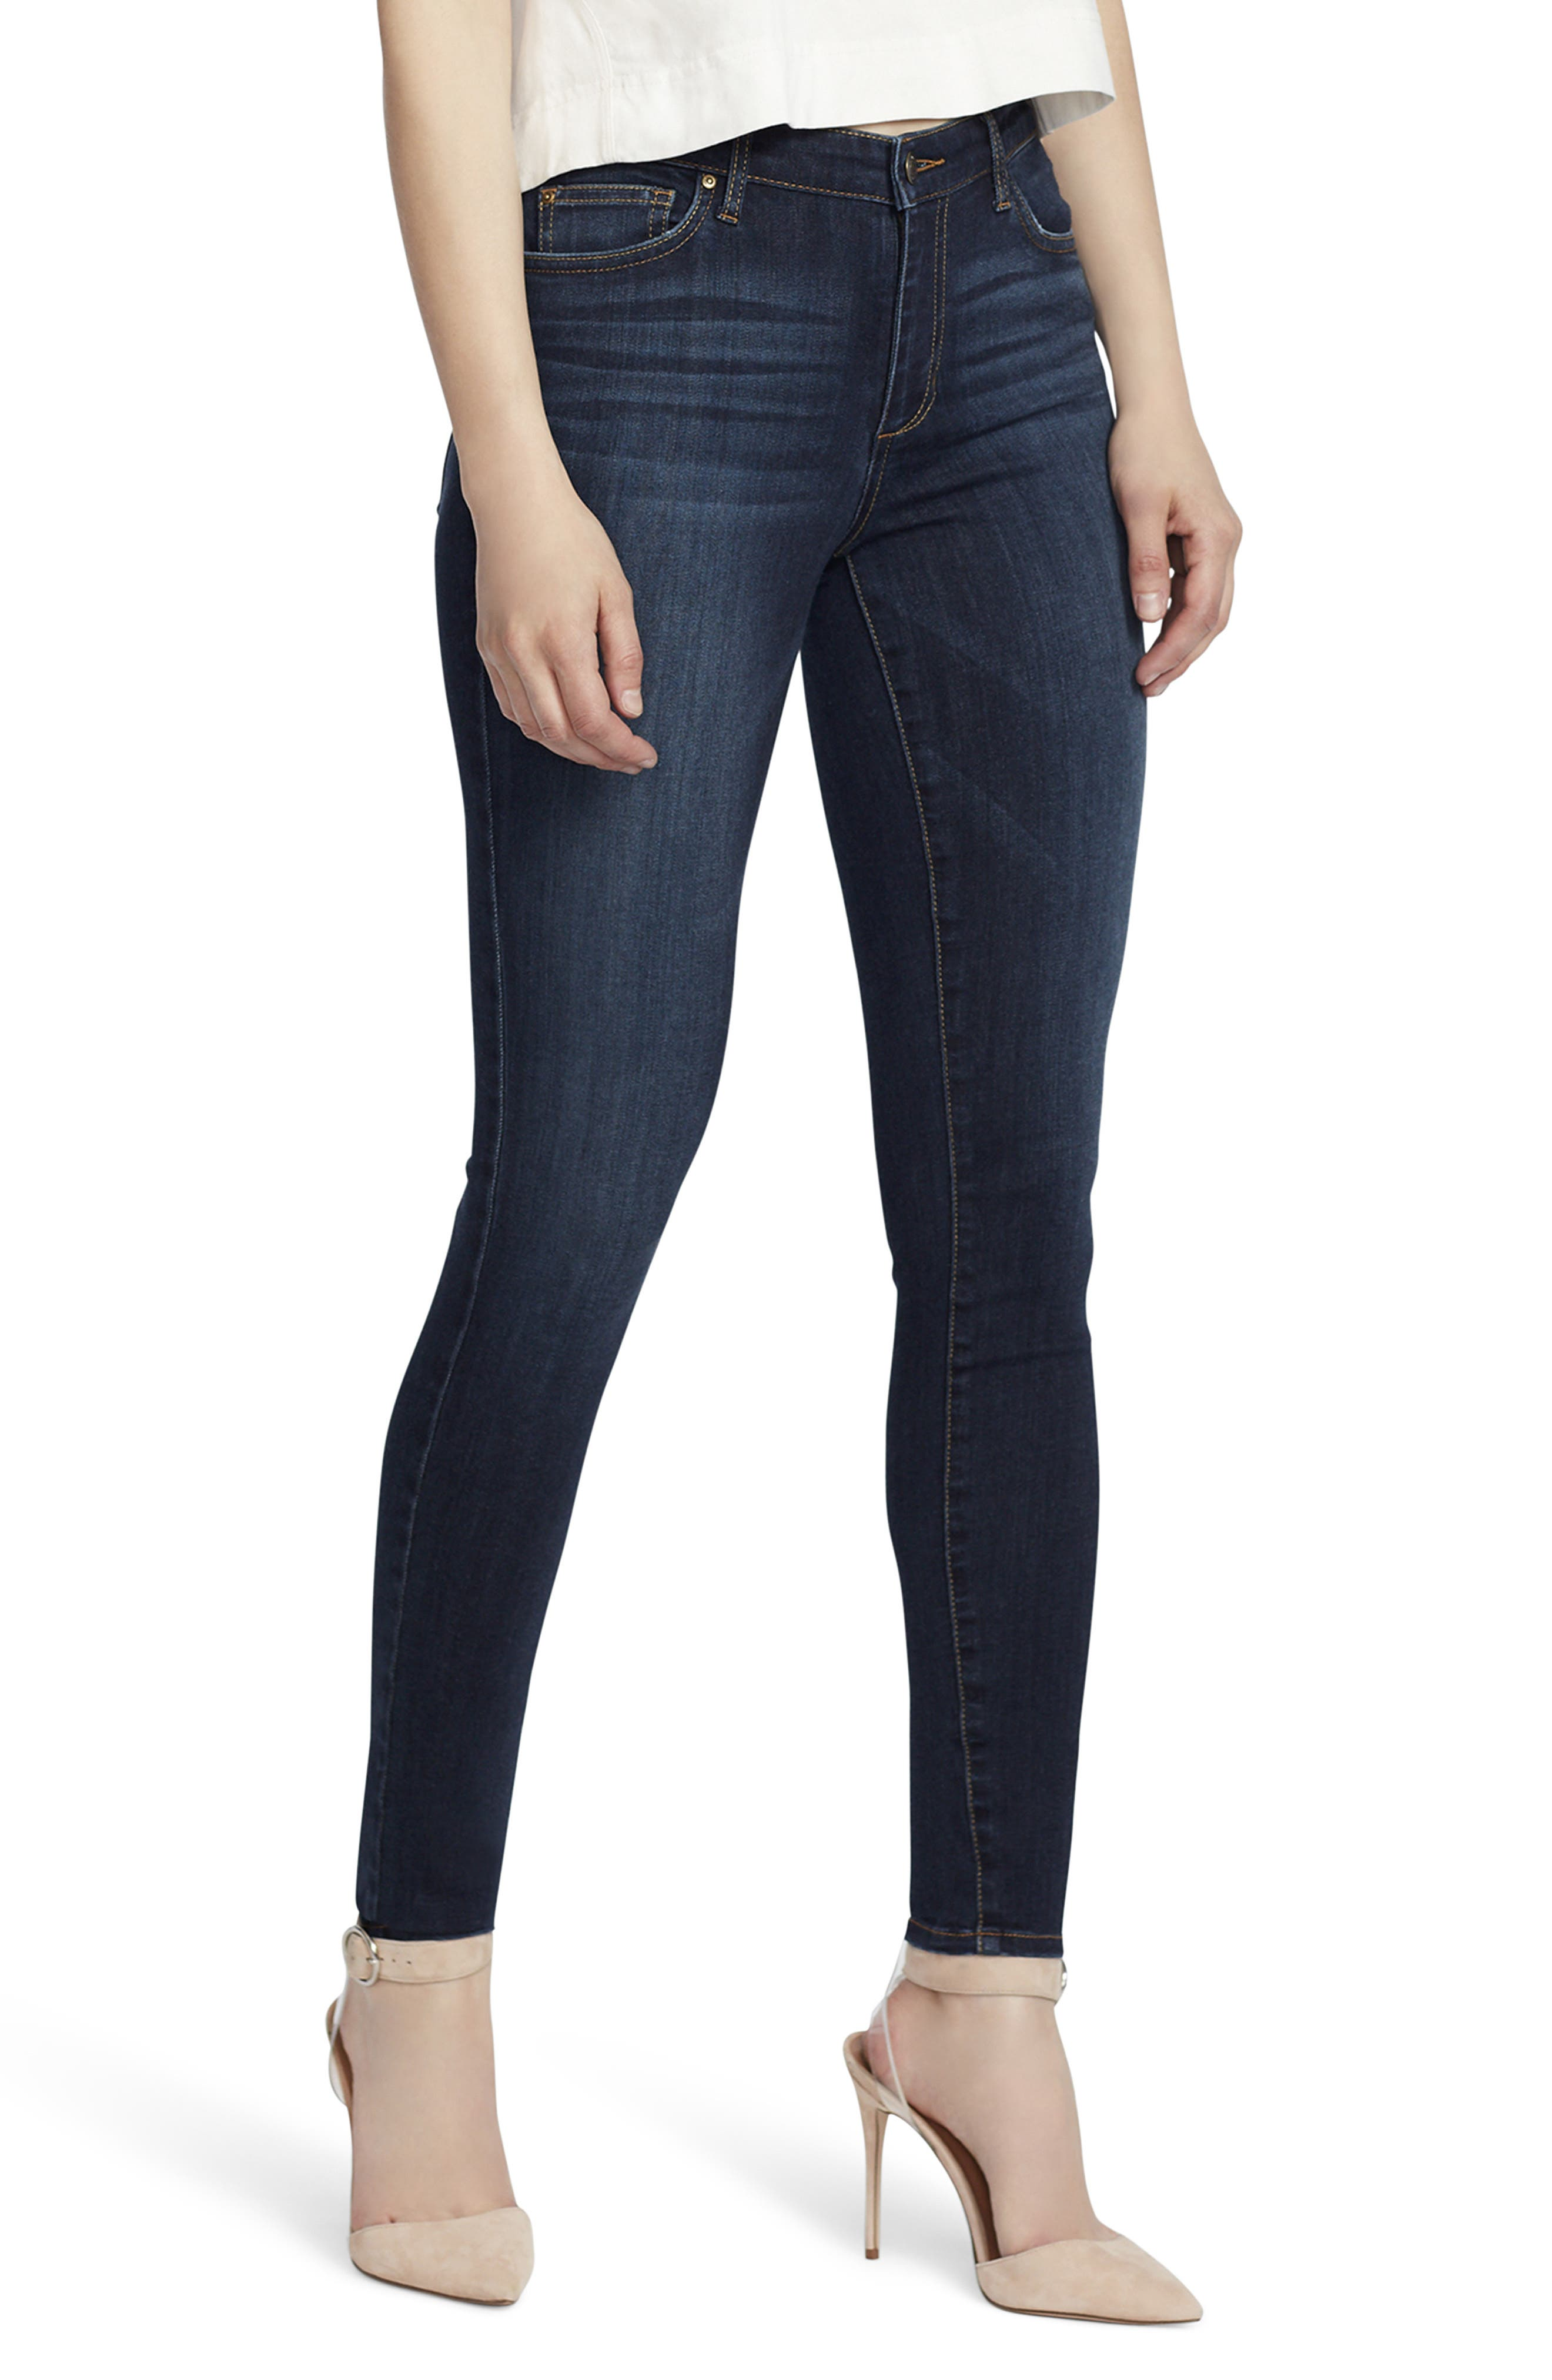 Women's Ella Moss Ankle Skinny Jeans